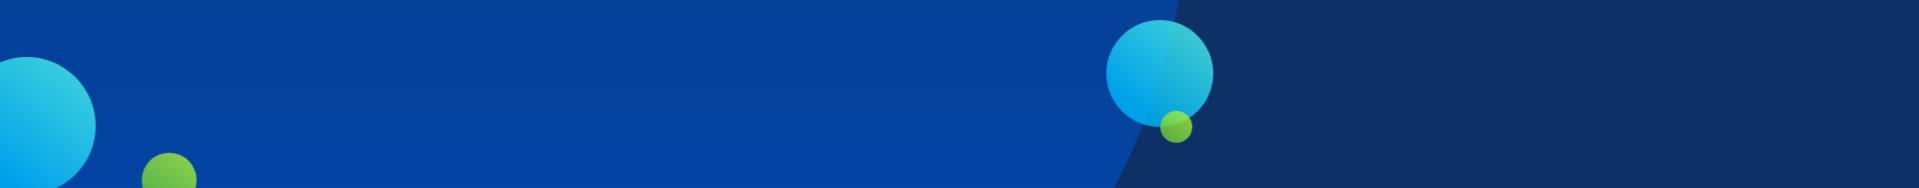 05-06.03.2019 <br>FORUM WENTYLACJA <br>SALON KLIMATYZACJA